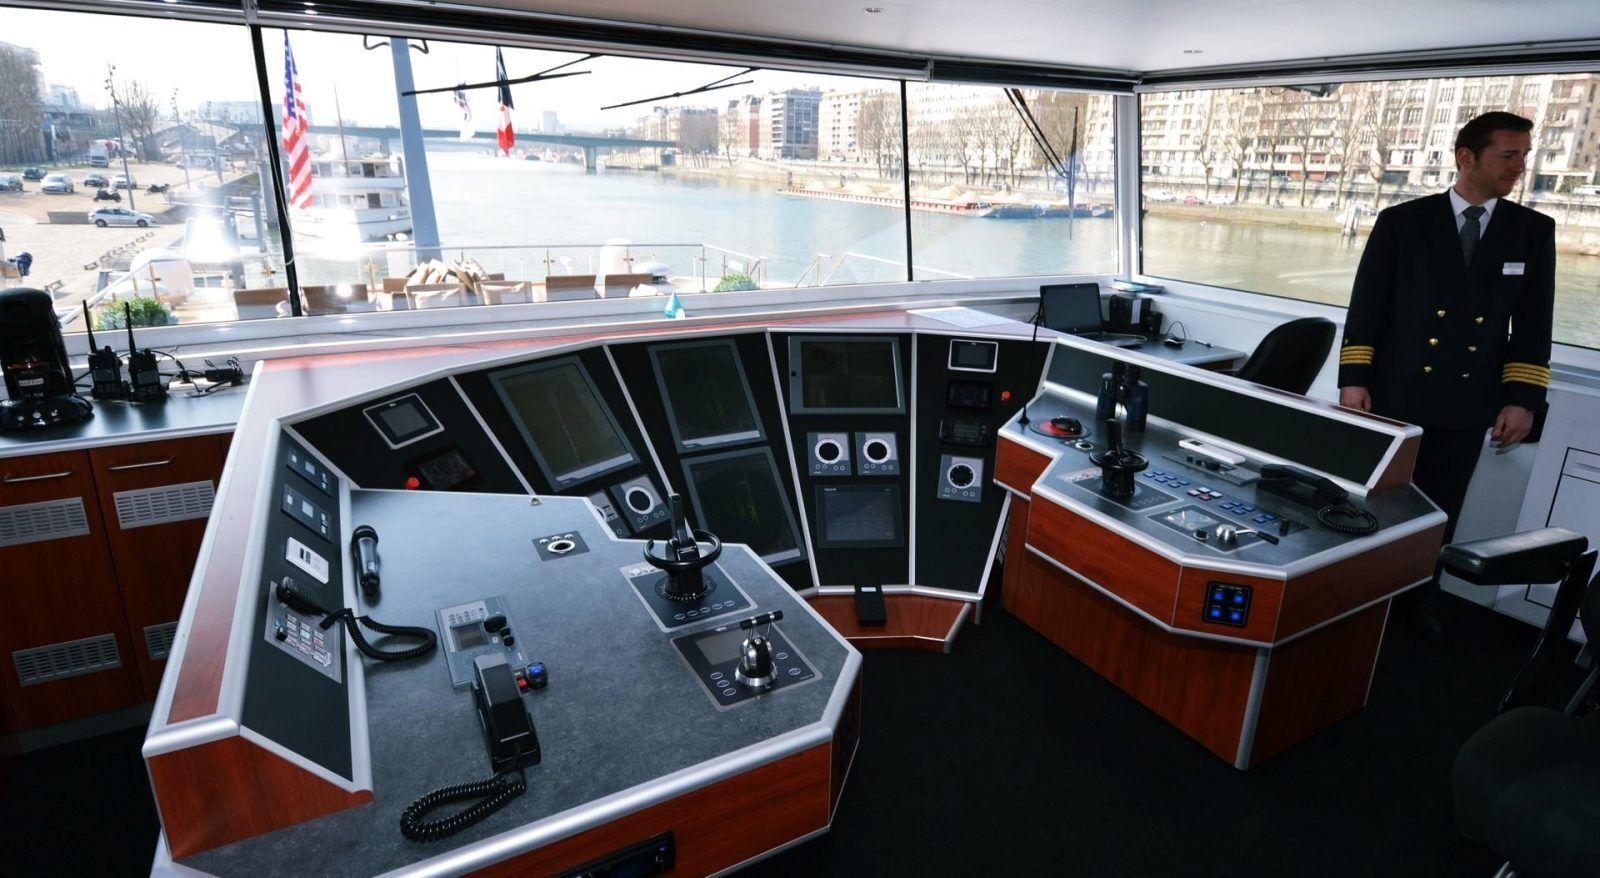 seyir - Gemilerde Yeni Dijital Seyir Düzeni 2 - Gemilerde Yeni Dijital Seyir Düzeni E-Navigation